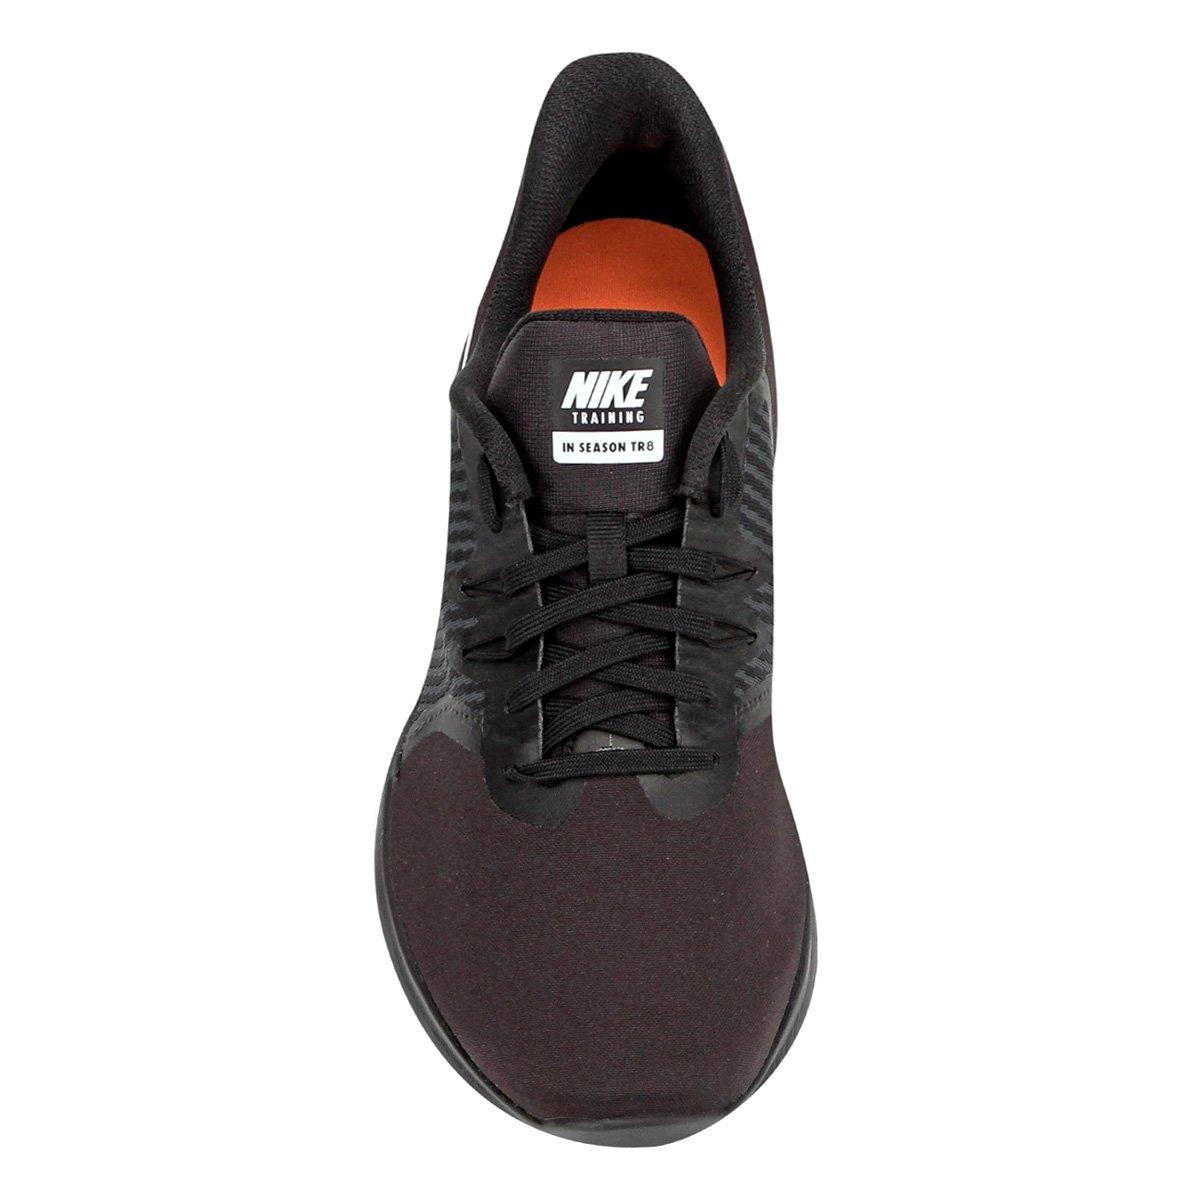 Tênis Nike In-Season Tr 8 Feminino - Preto e Branco - Compre Agora ... 72a4f90905